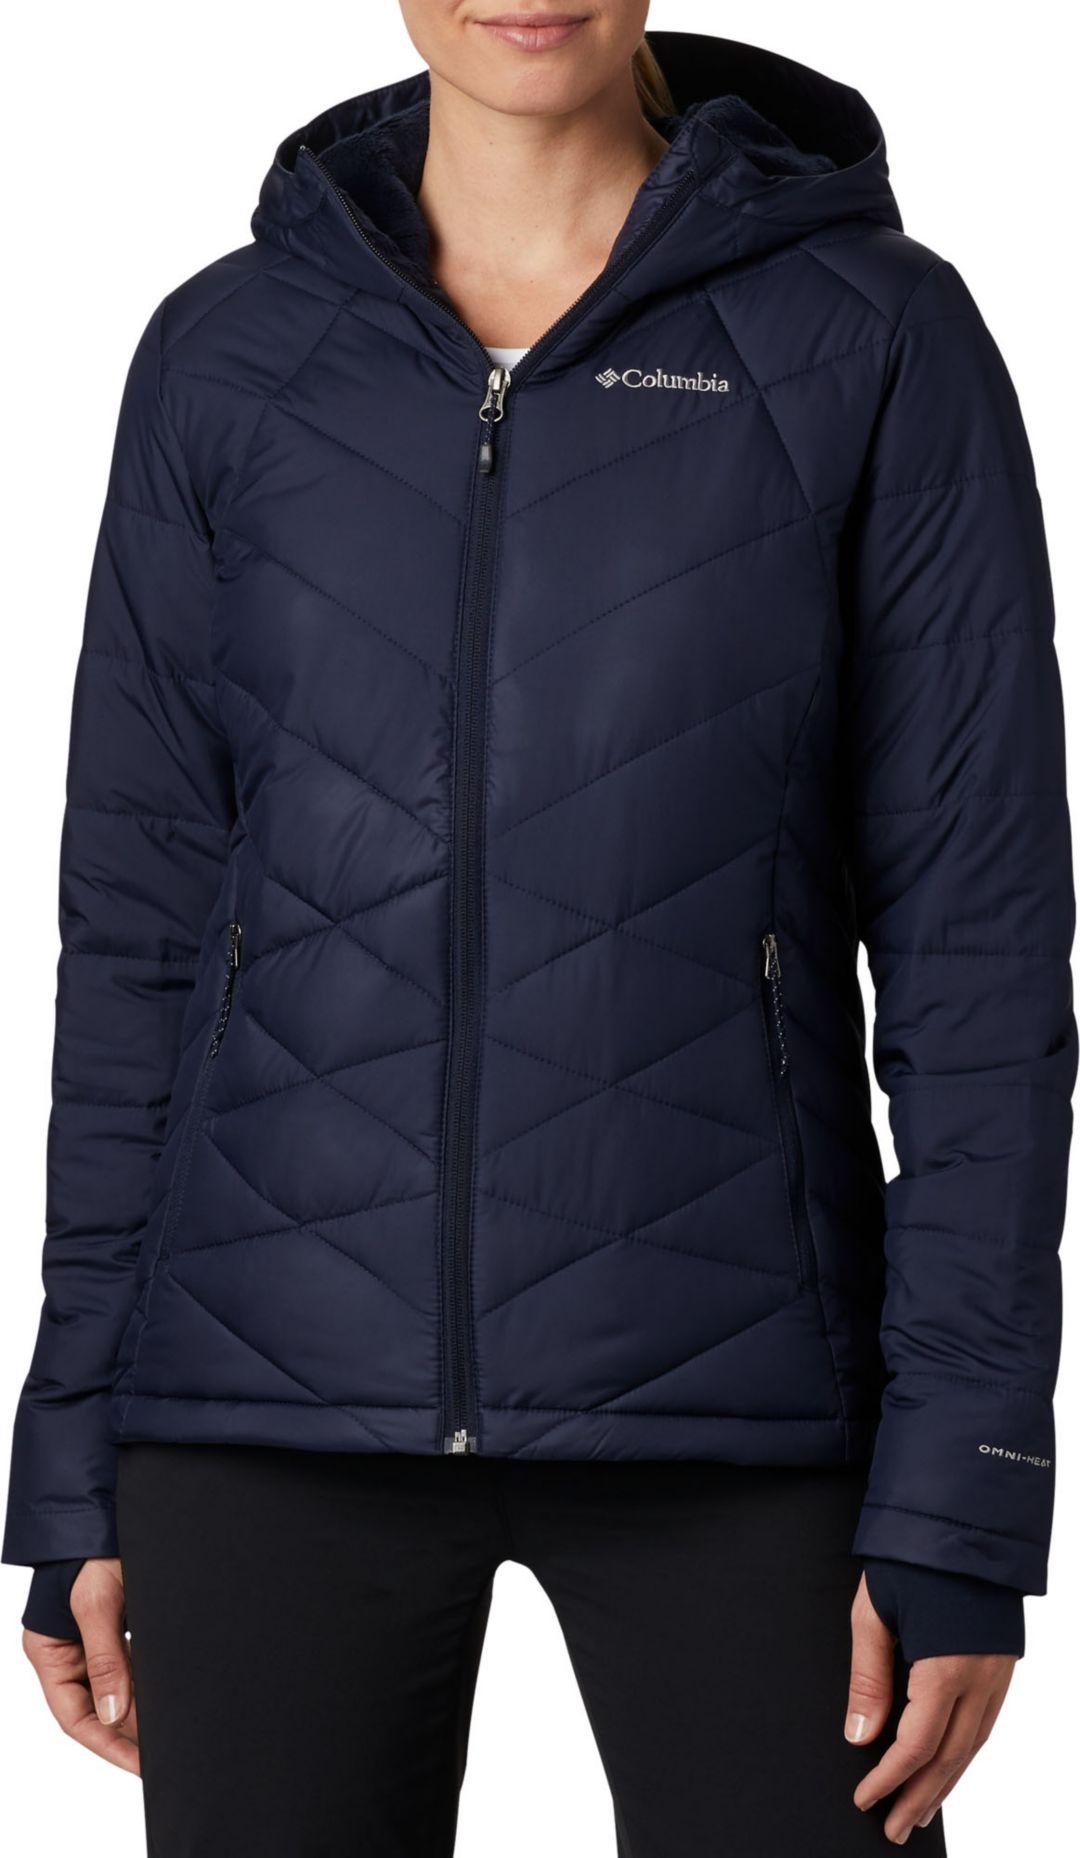 ef1ed19e8 Columbia Women's Heavenly Hooded Jacket